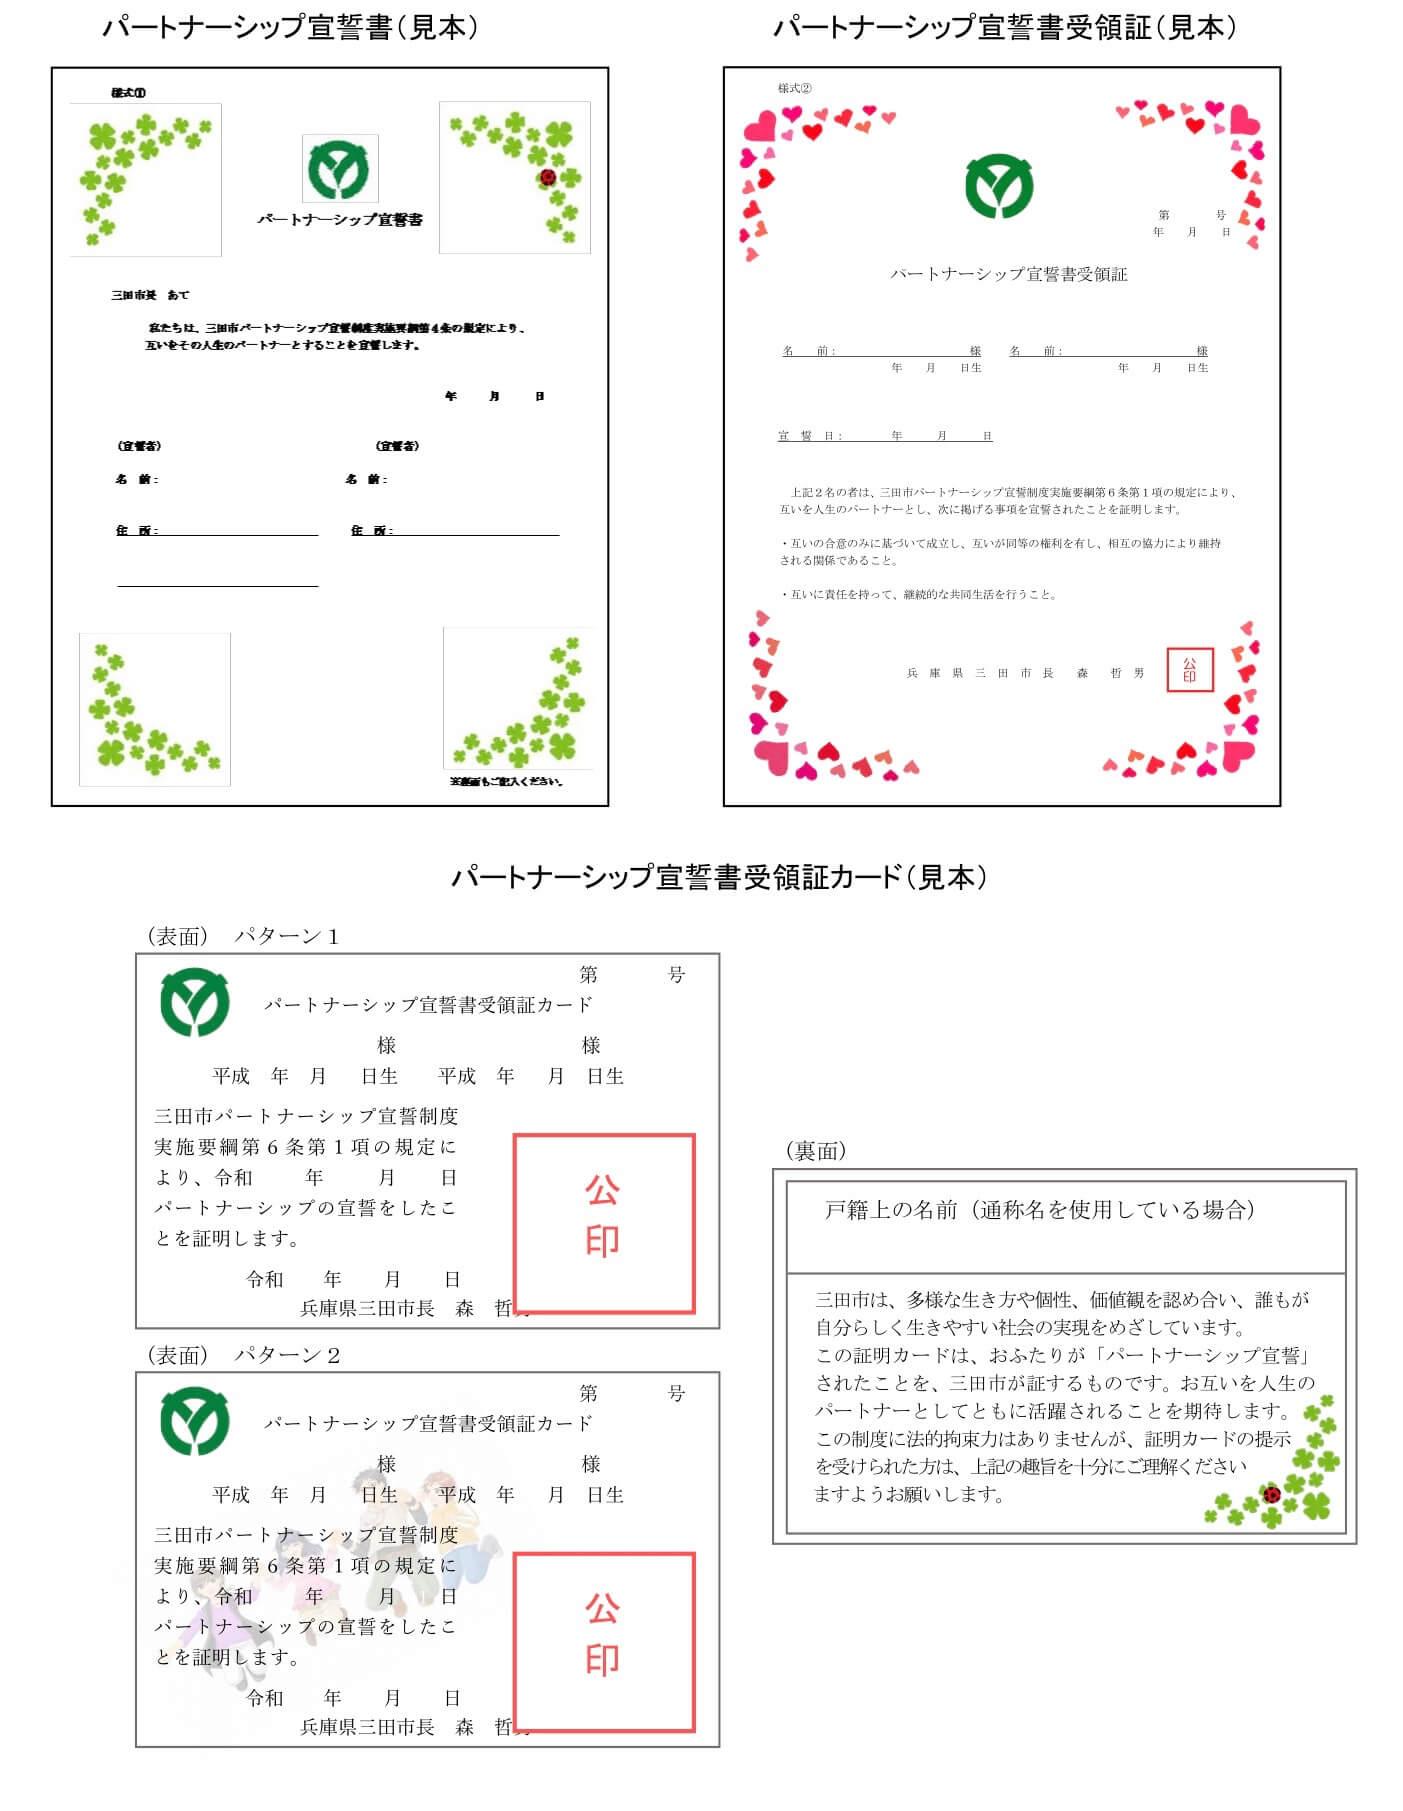 三田市パートナーシップ宣誓制度